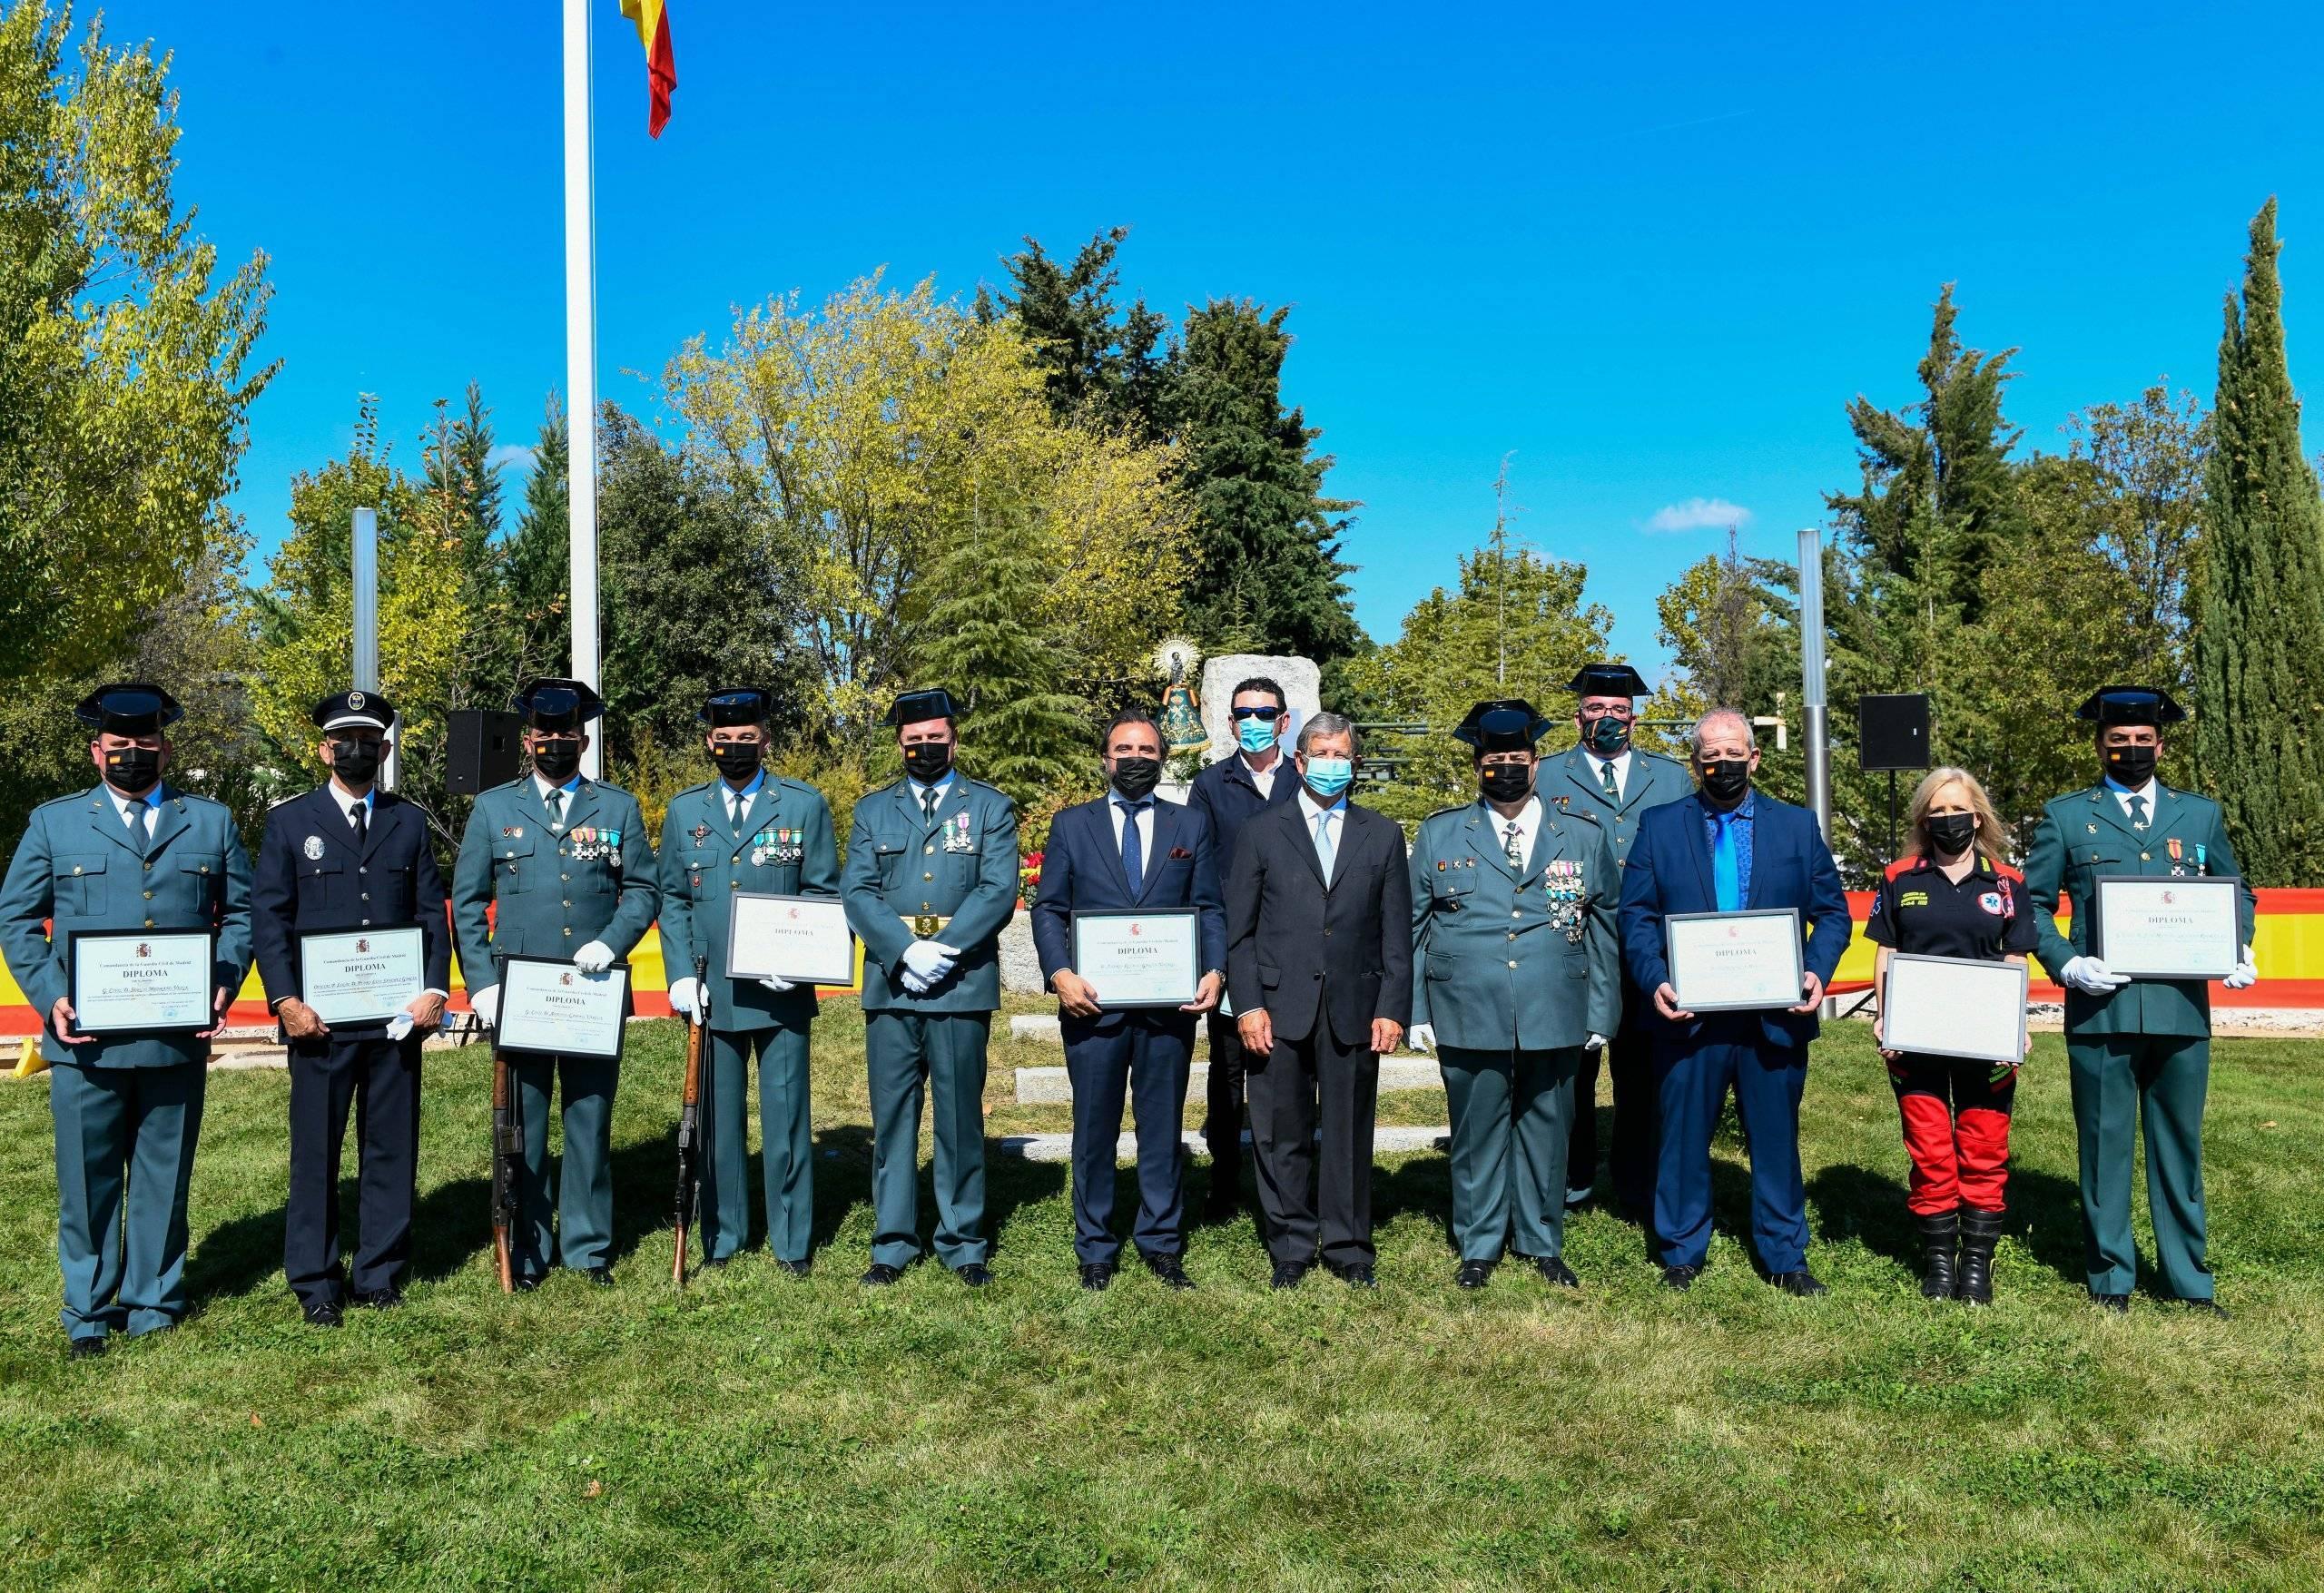 El alcalde y el subteniente jefe del cuartel de la Guardia Civil junto a los galardonados en el acto.